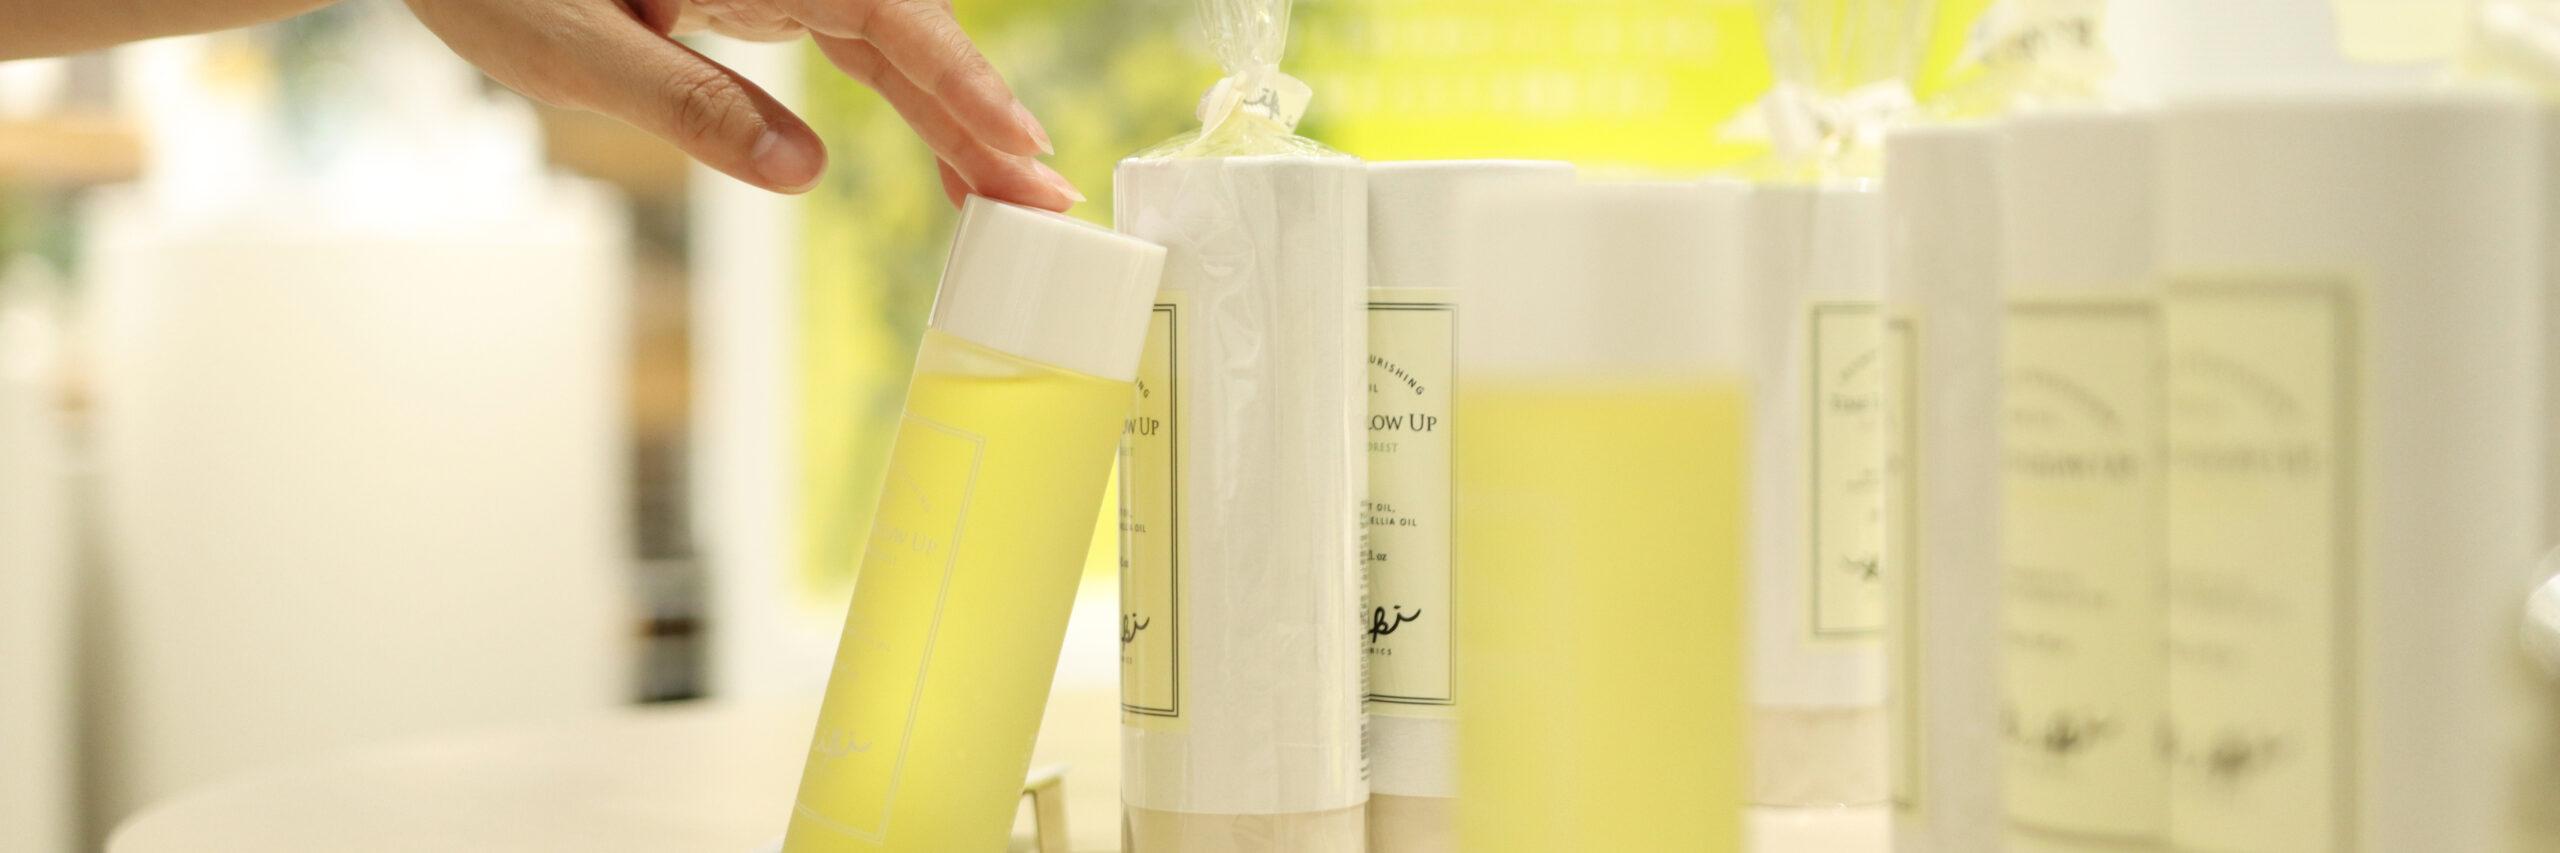 幸福感と深い癒しをもたらす三つの香りをラインナップ<br />